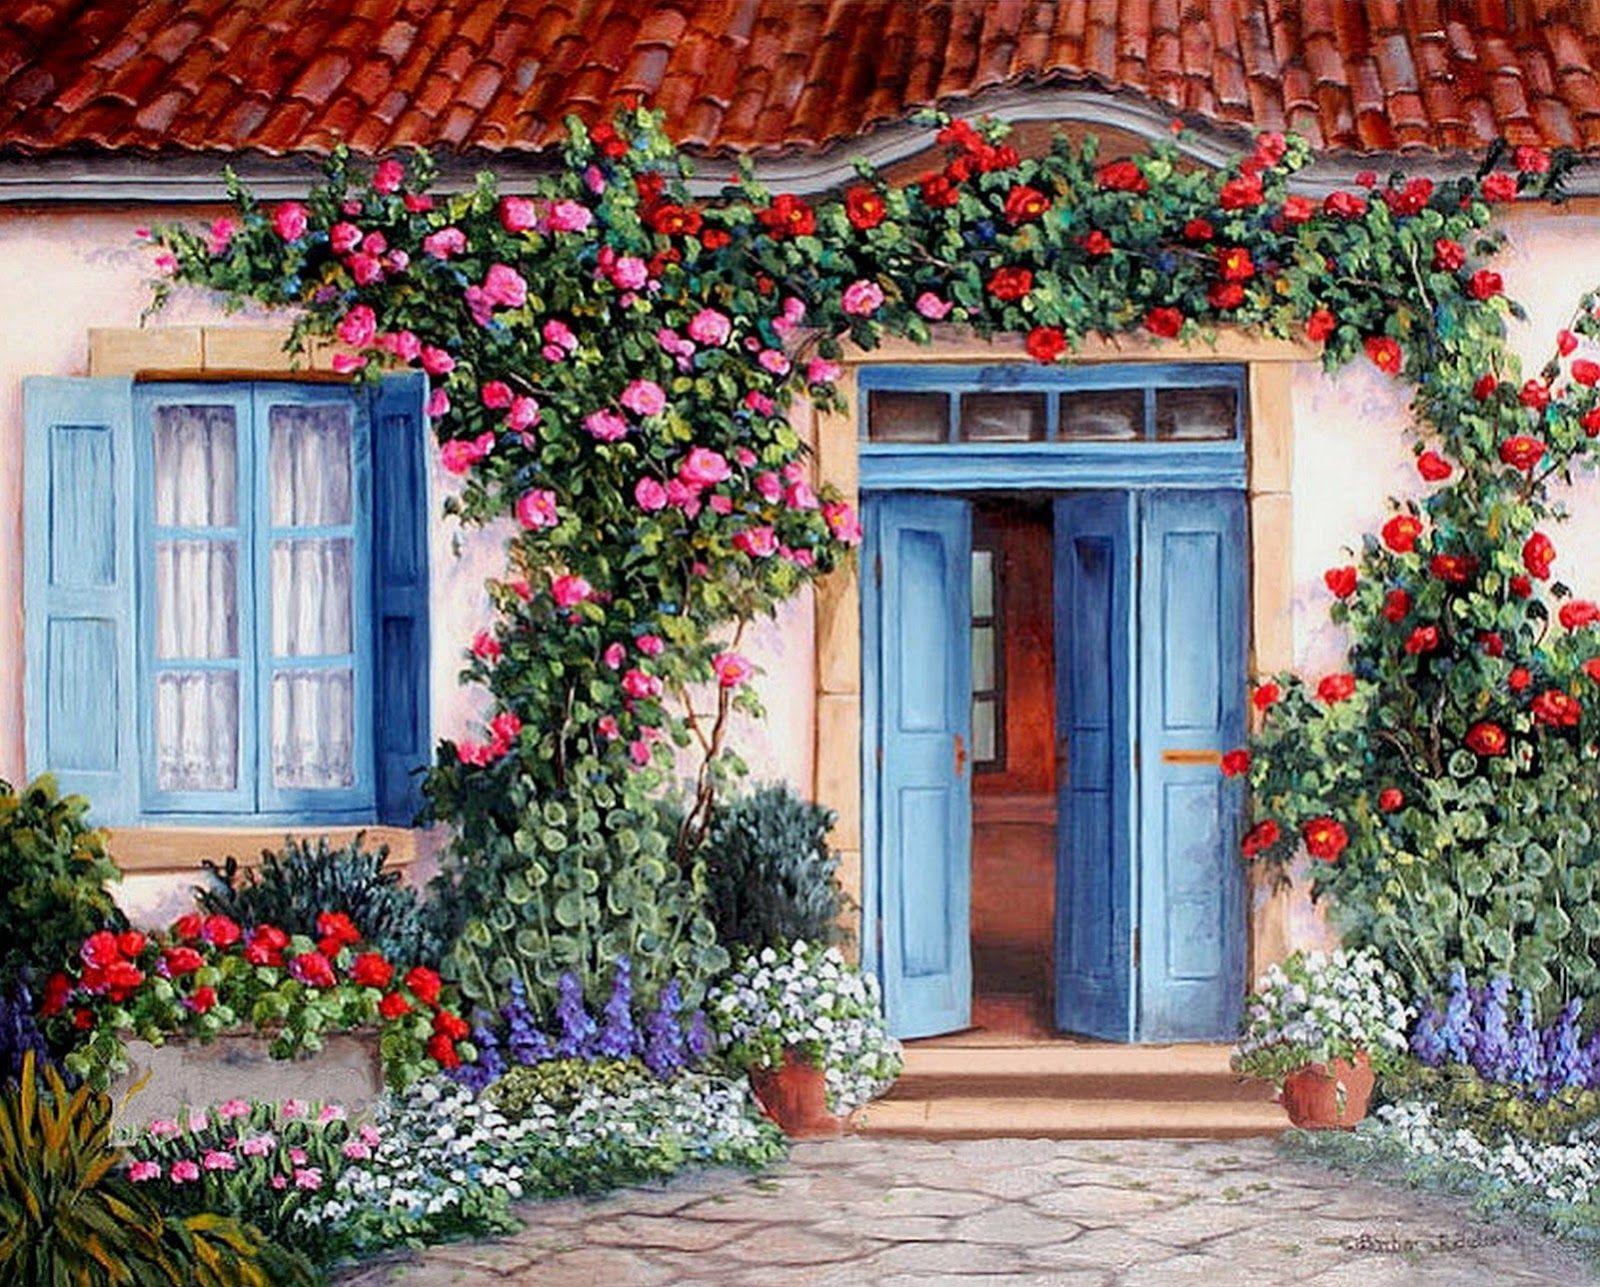 Cuadros de casas con jardines jardines bonitos - Casas con jardines bonitos ...